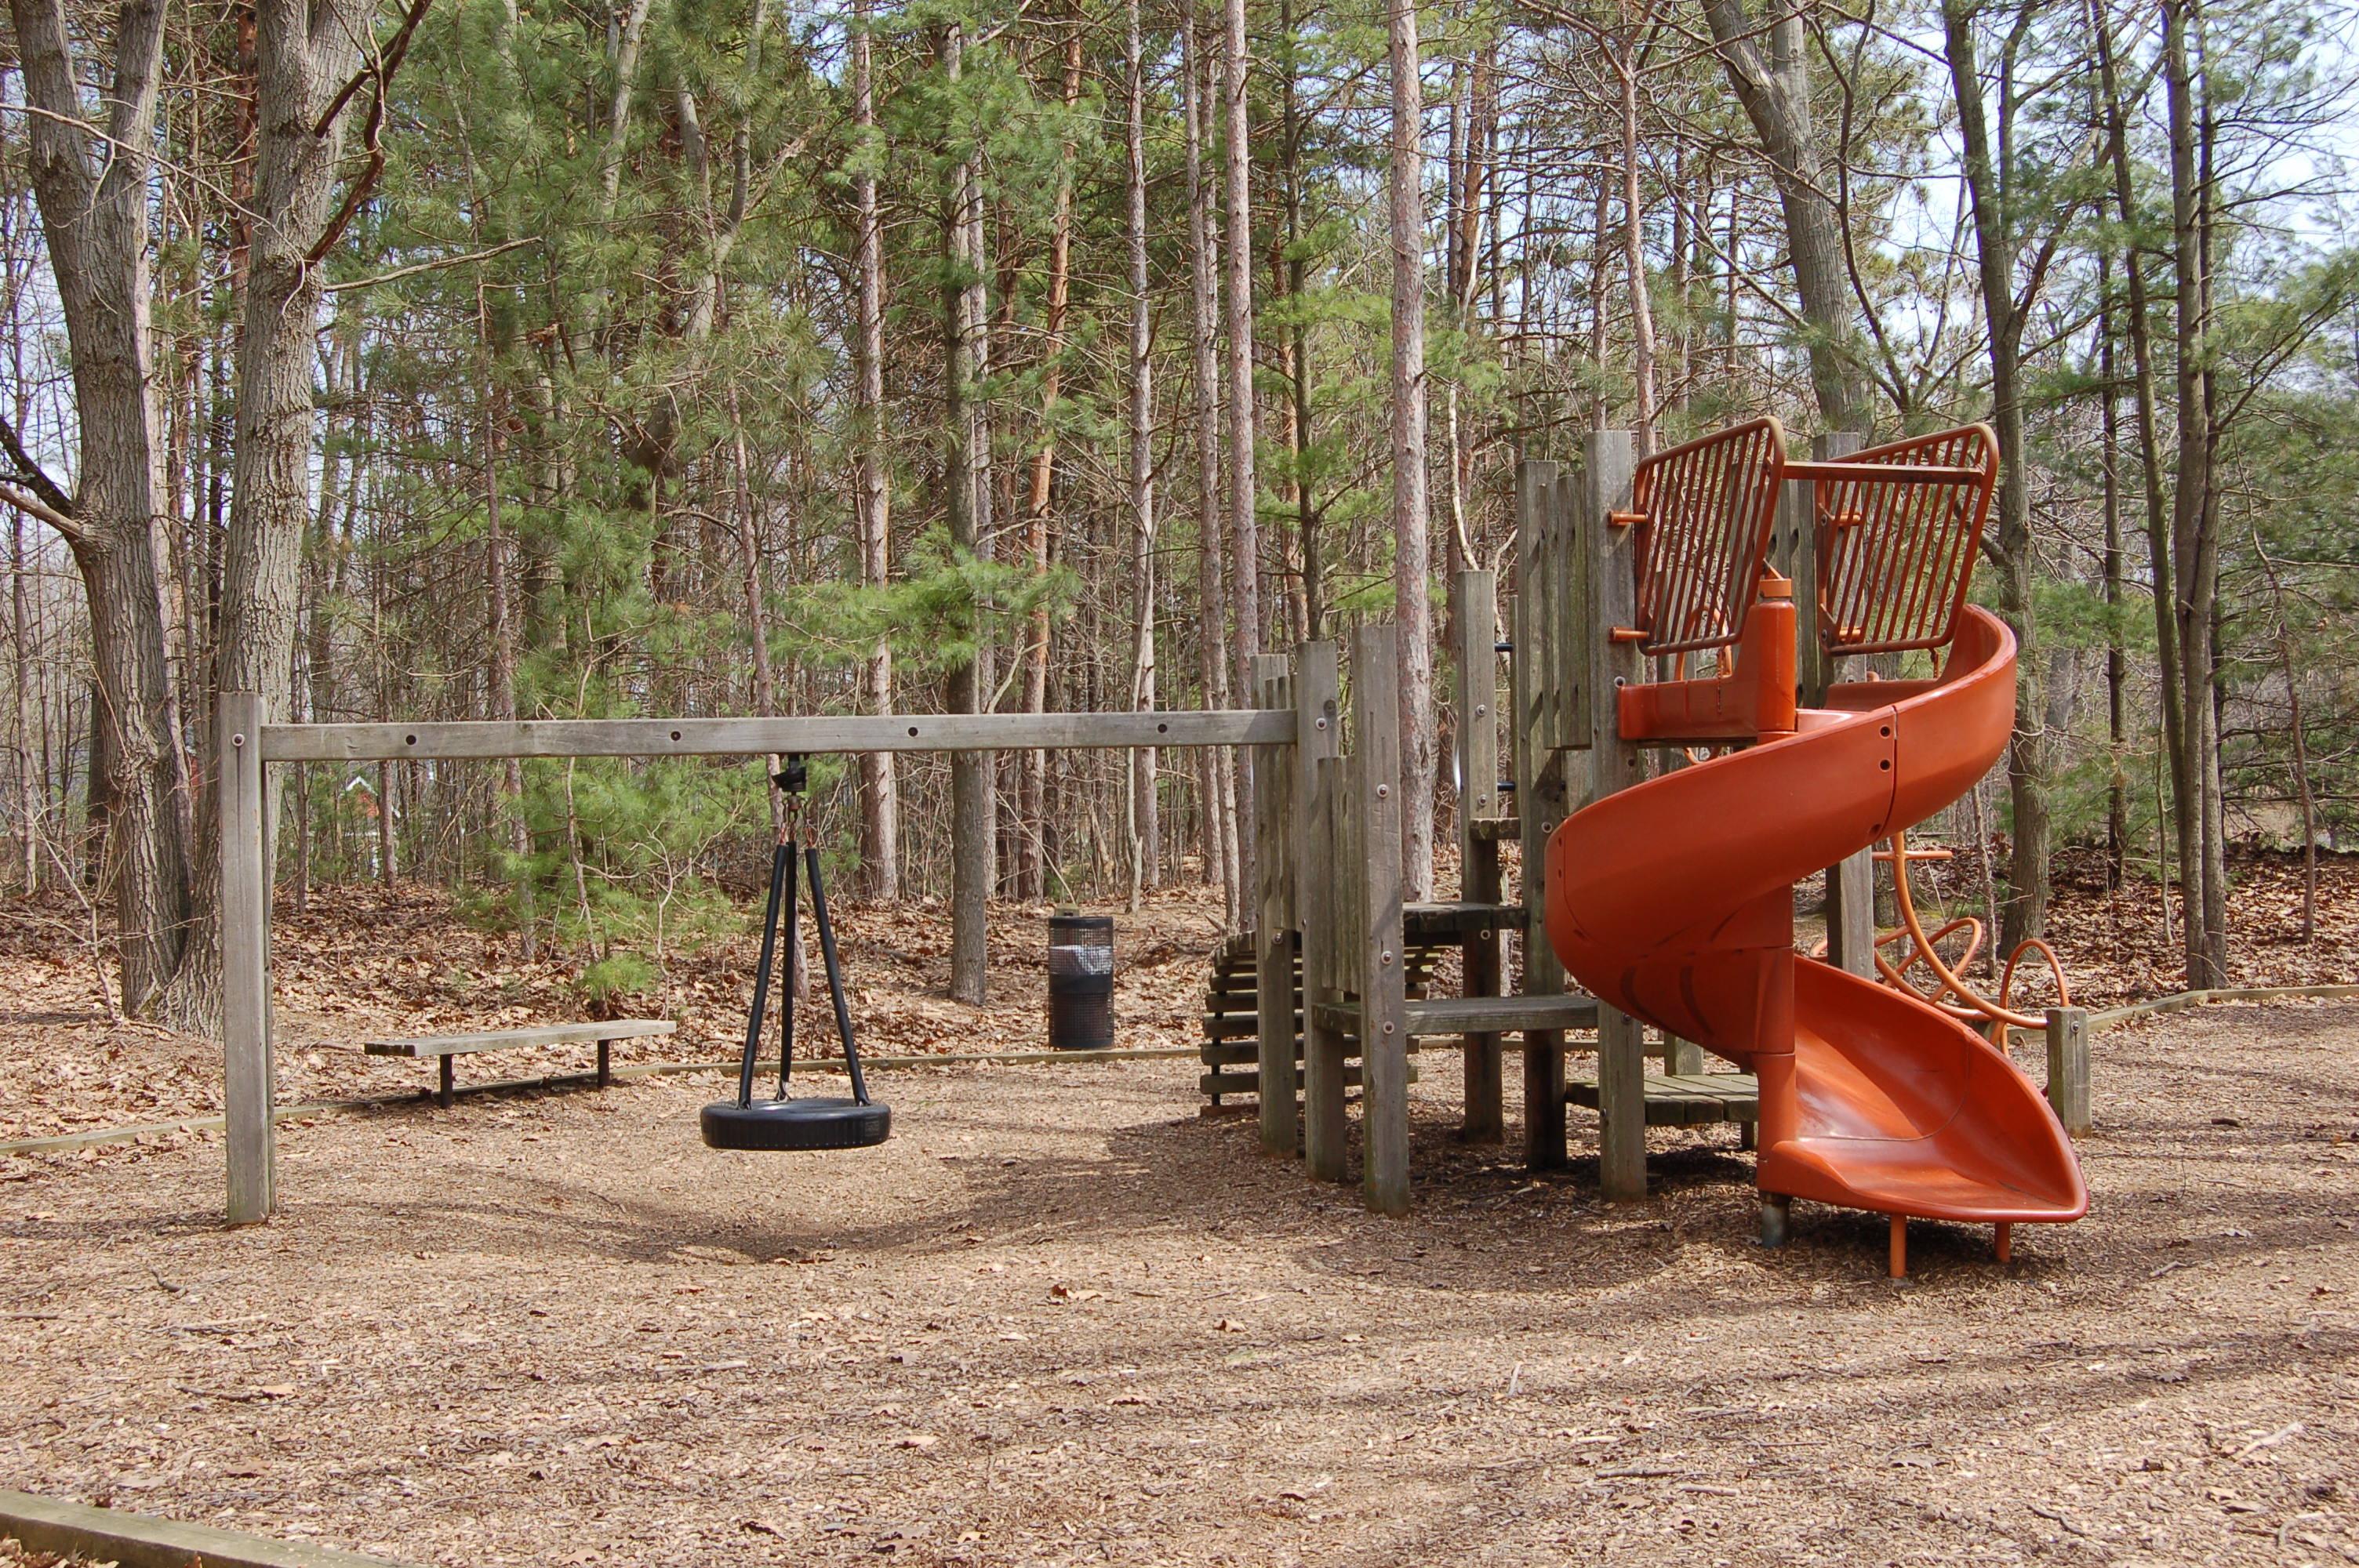 Kirk Park Playground